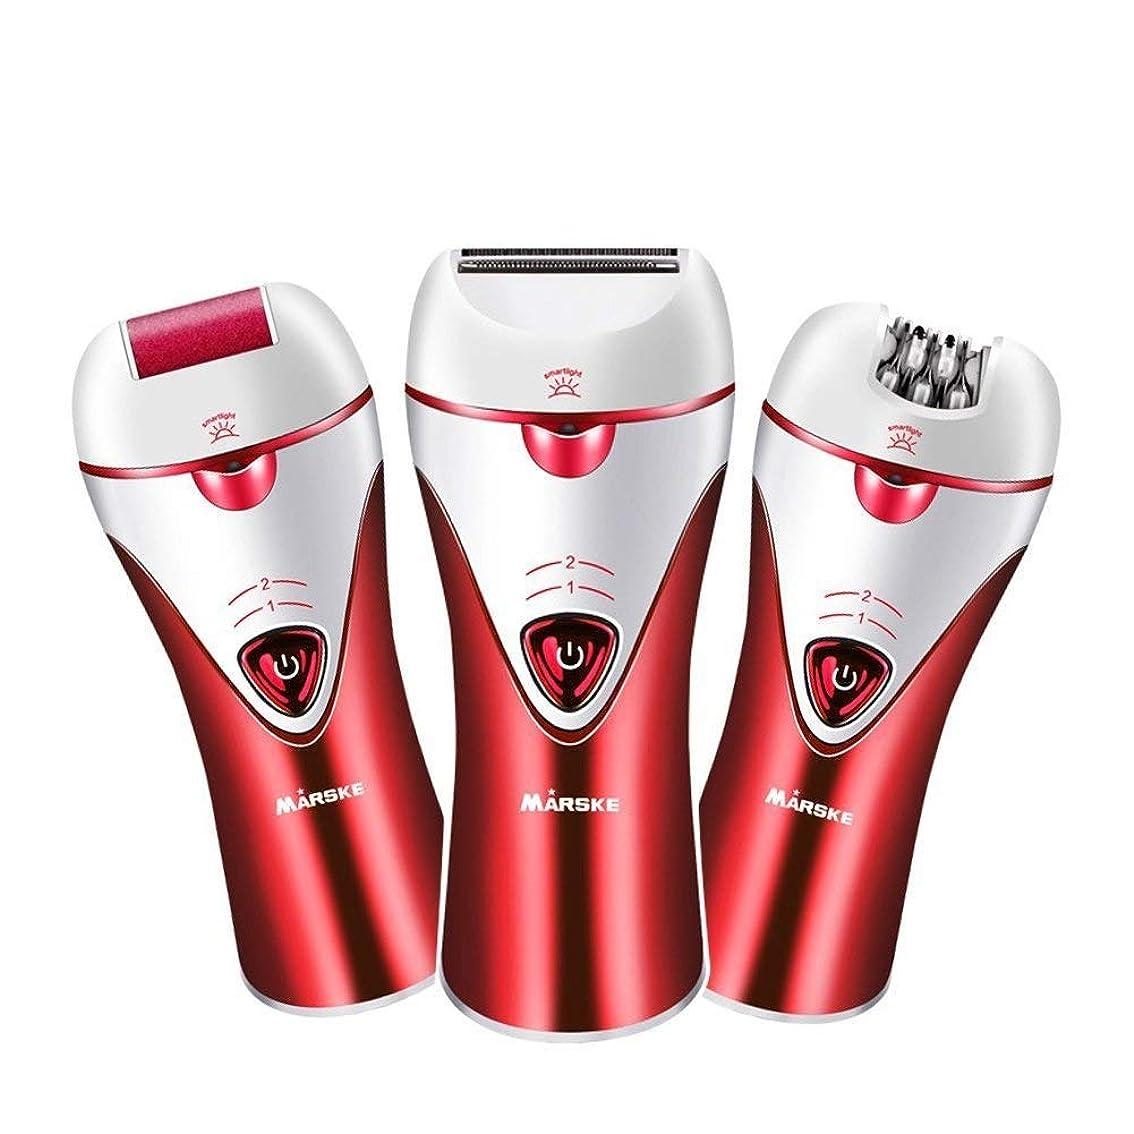 実験室また統計的Trliy- 充電式電動脱毛器、女性のための痛みのない快適さスキンケア脱毛ツール浴室ウェットとドライ脱毛器 (Color : Red)